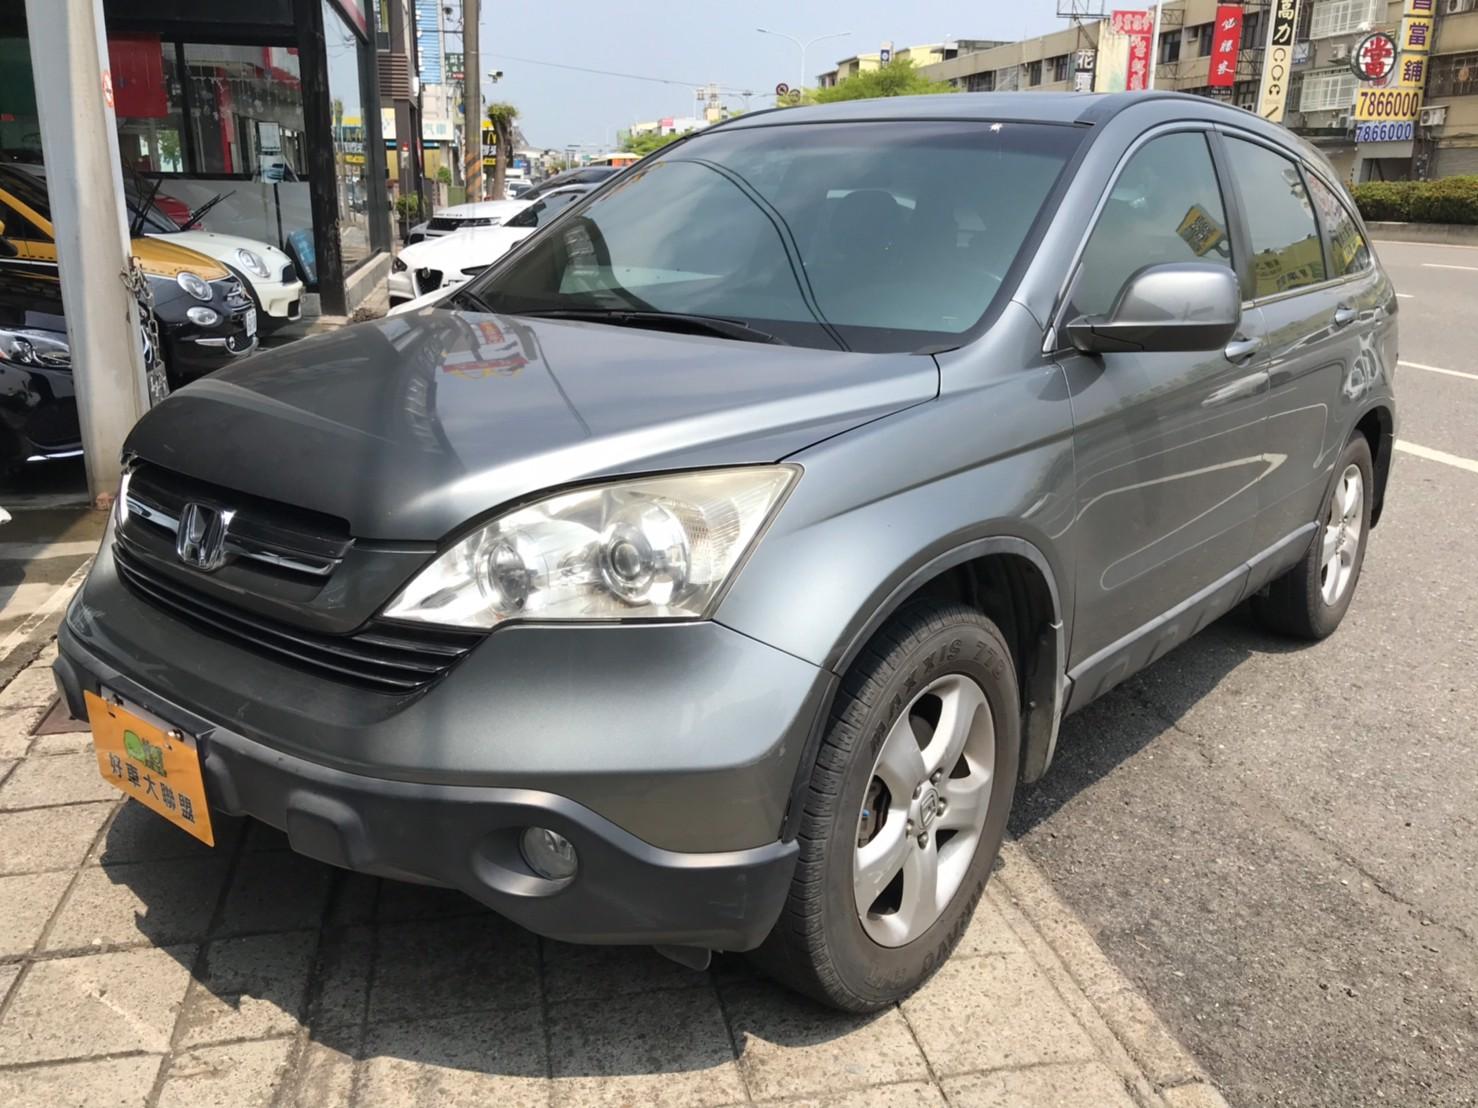 2007 Honda 本田 Cr-v